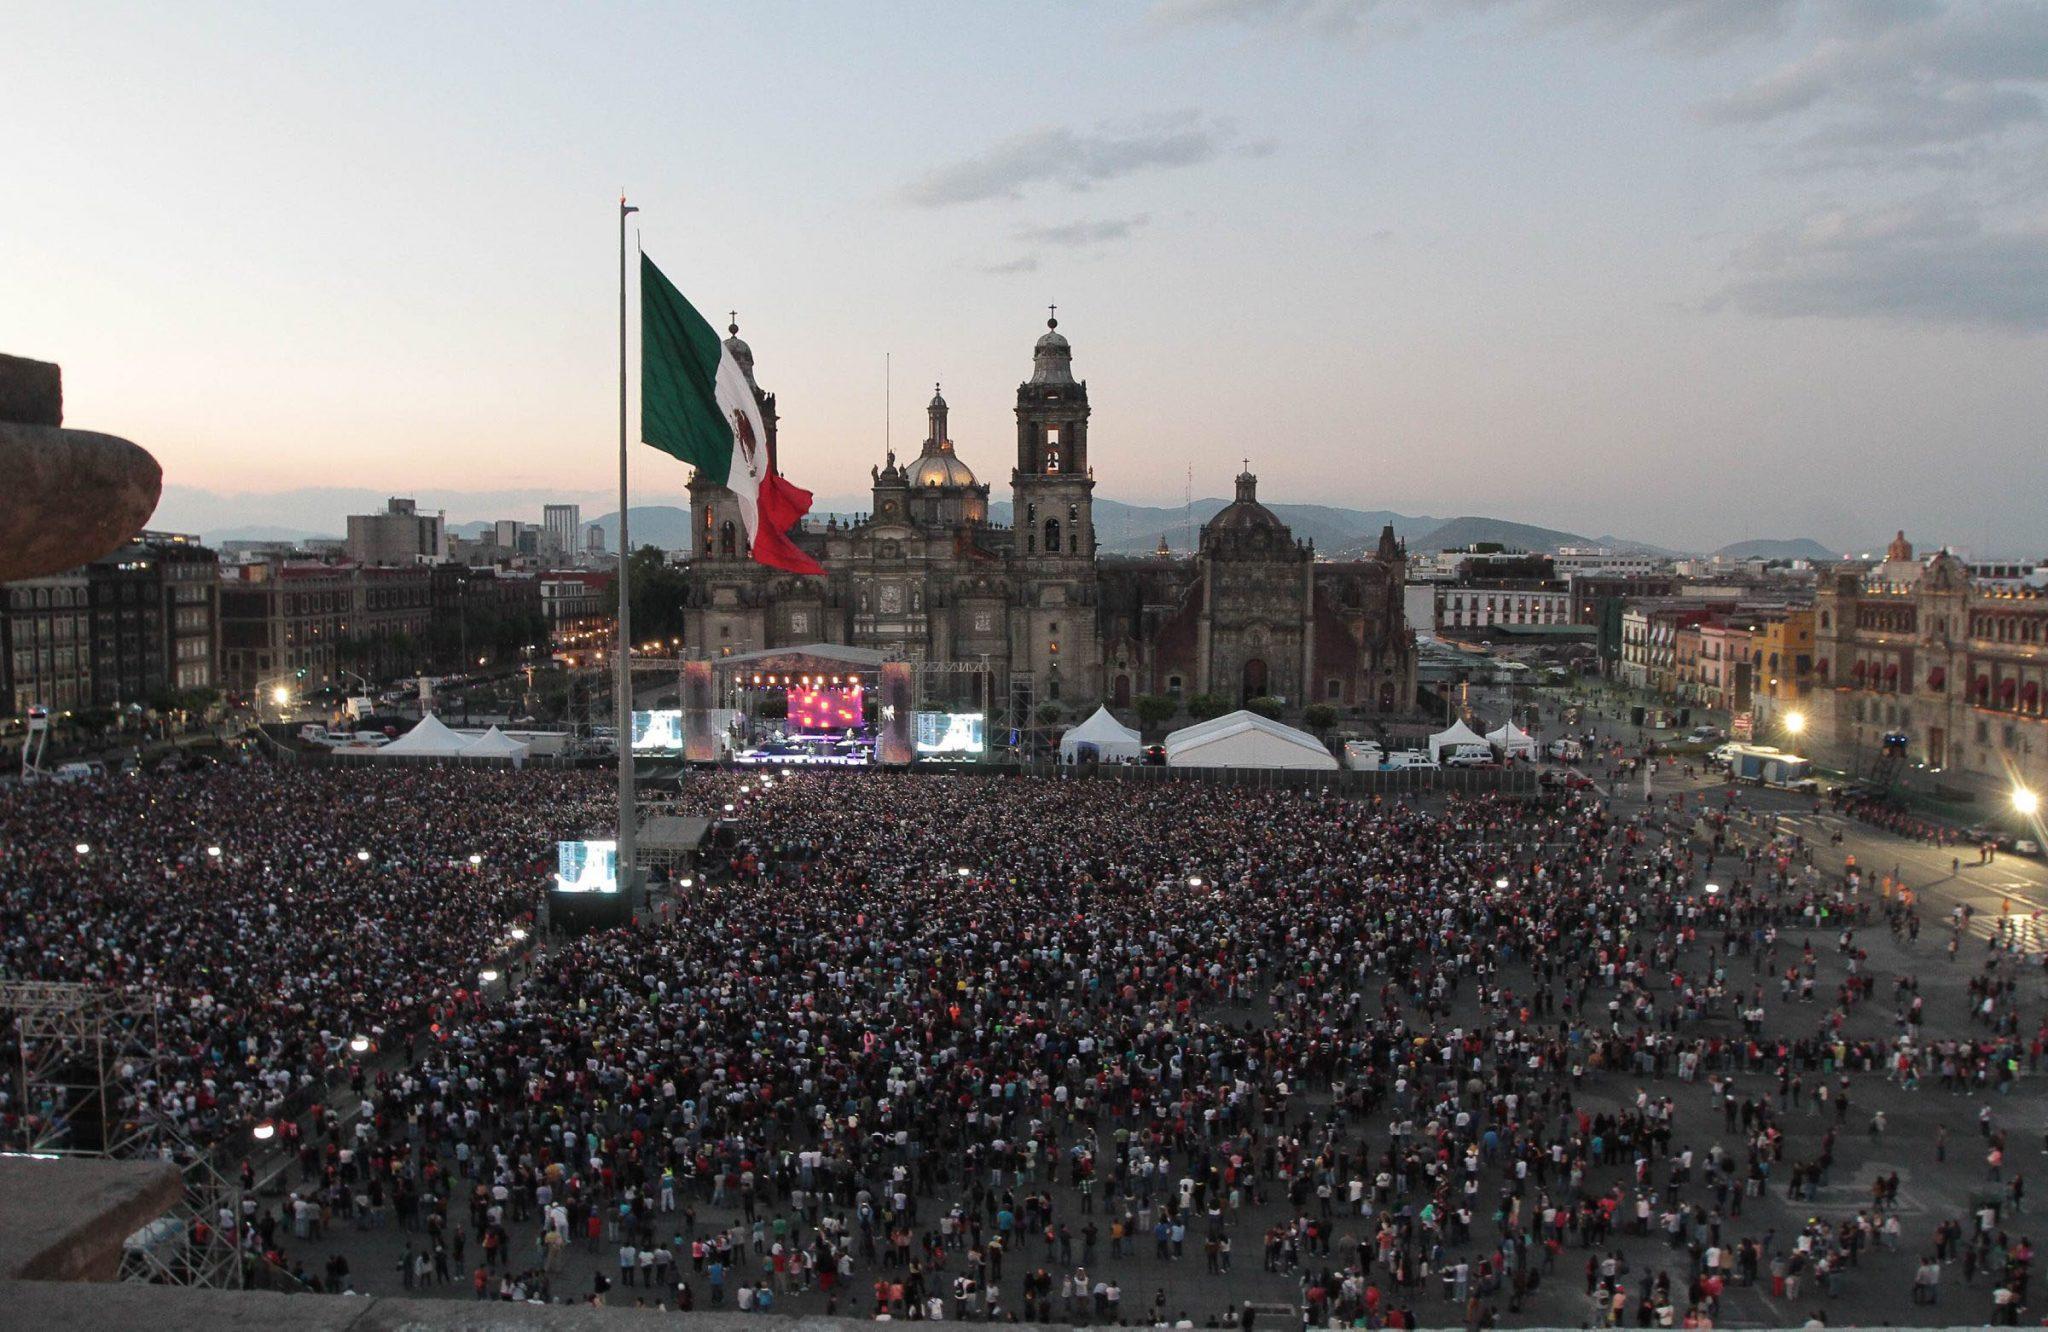 esp thefenixtour1 - Nicky Jam, Wisin, Gente de Zona reúnen a más de 40 mil personas en el Zócalo